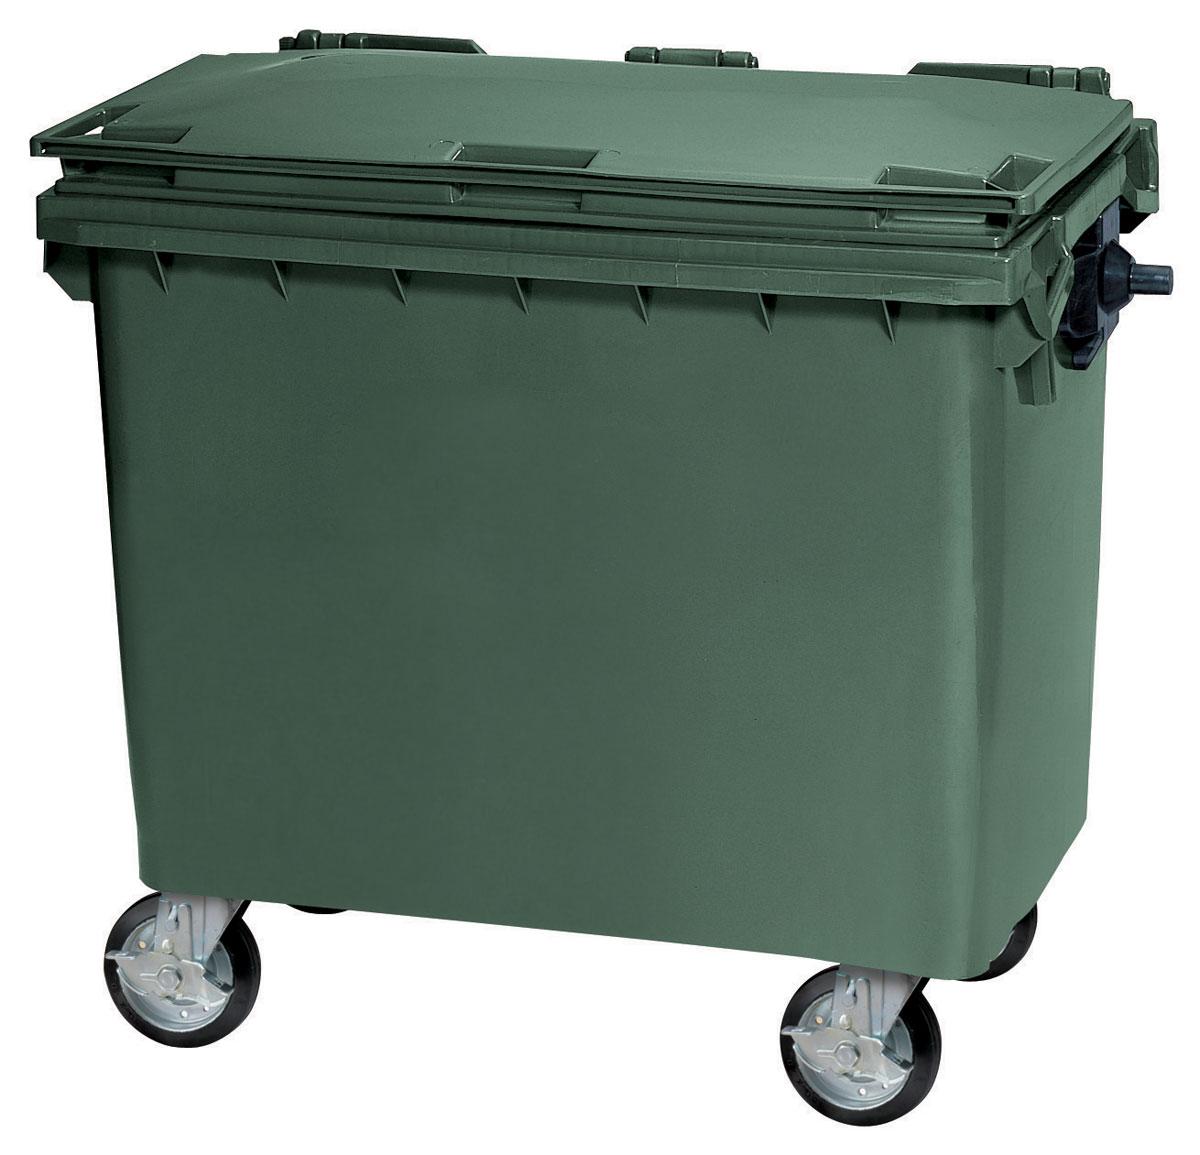 カイスイマレン ダストカートKF660 【容量660L 集積搬送カート ごみ回収 ゴミ回収 ダンボール回収 プラスチック製 キャスター付き グリーン】